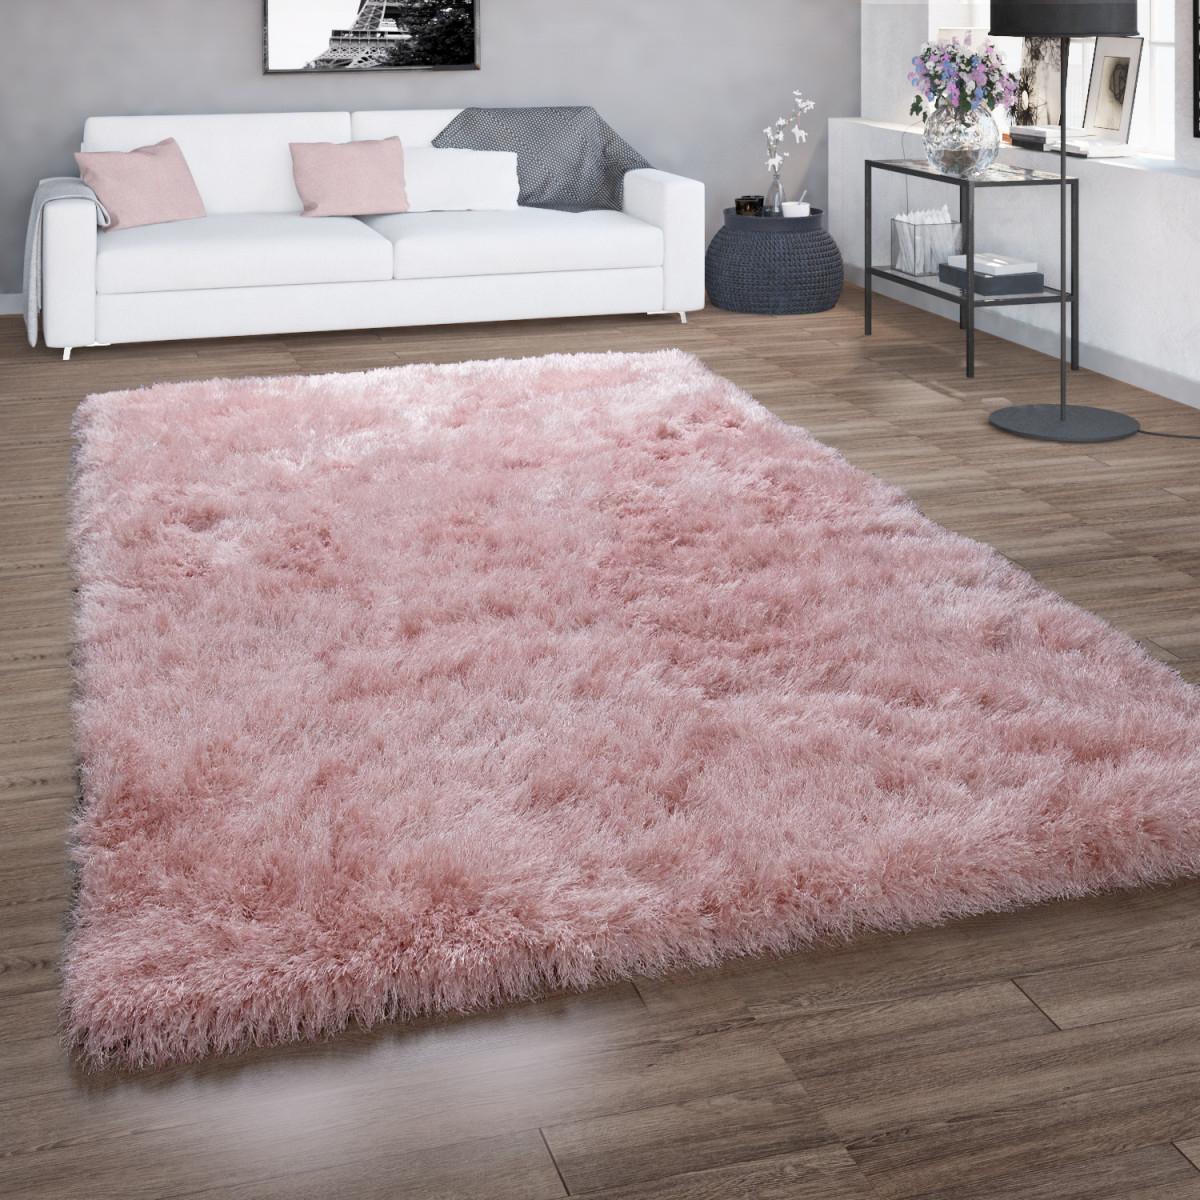 Details Zu Hochflorteppich Für Wohnzimmer Shaggy Mit Glitzergarn  Einfarbig In Rosa von Rosa Teppich Wohnzimmer Photo